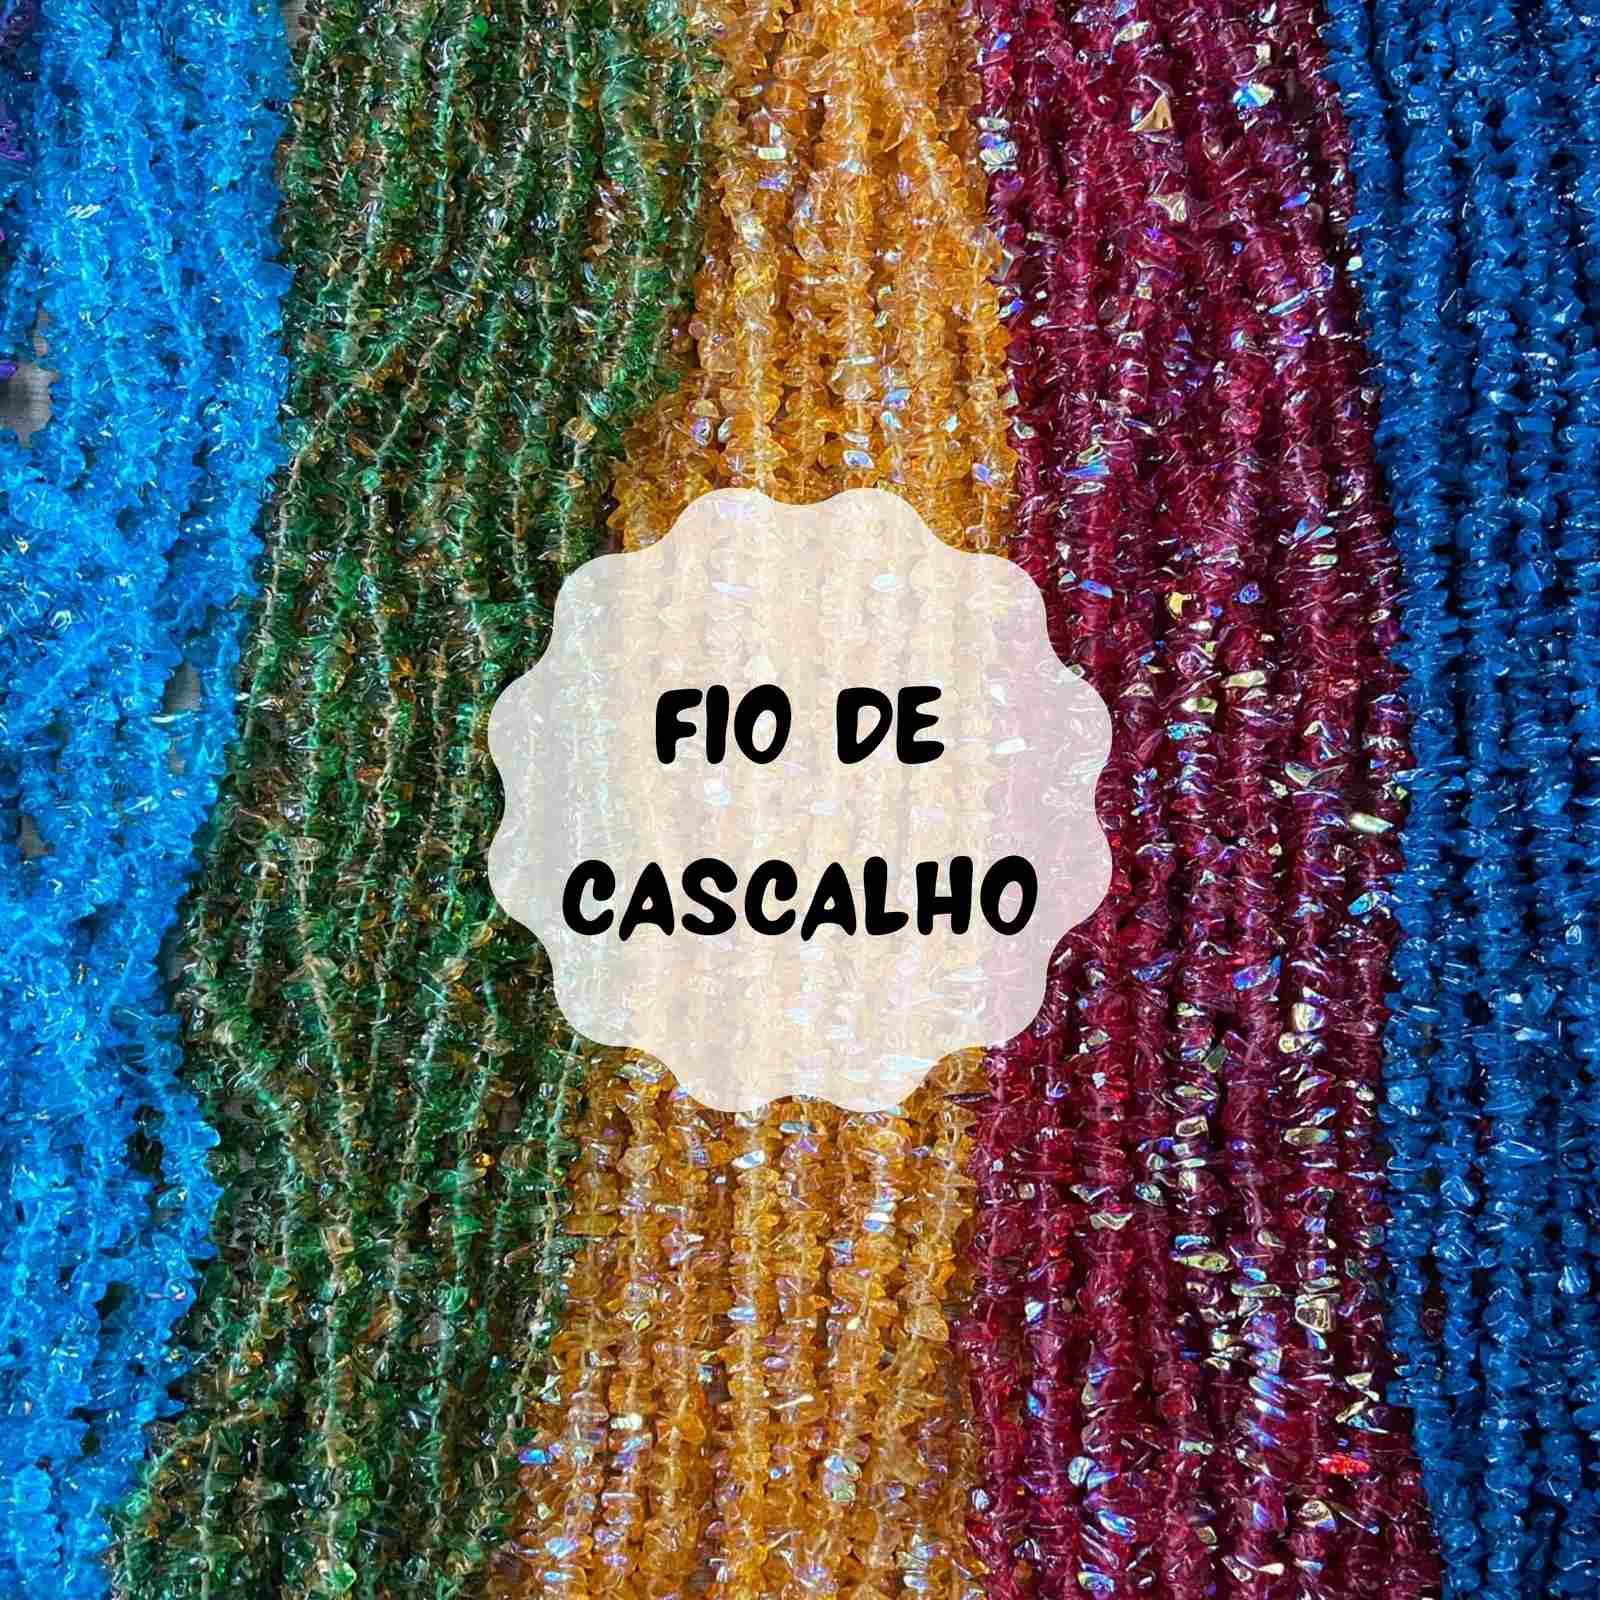 Fio de Cascalho - 1 fio